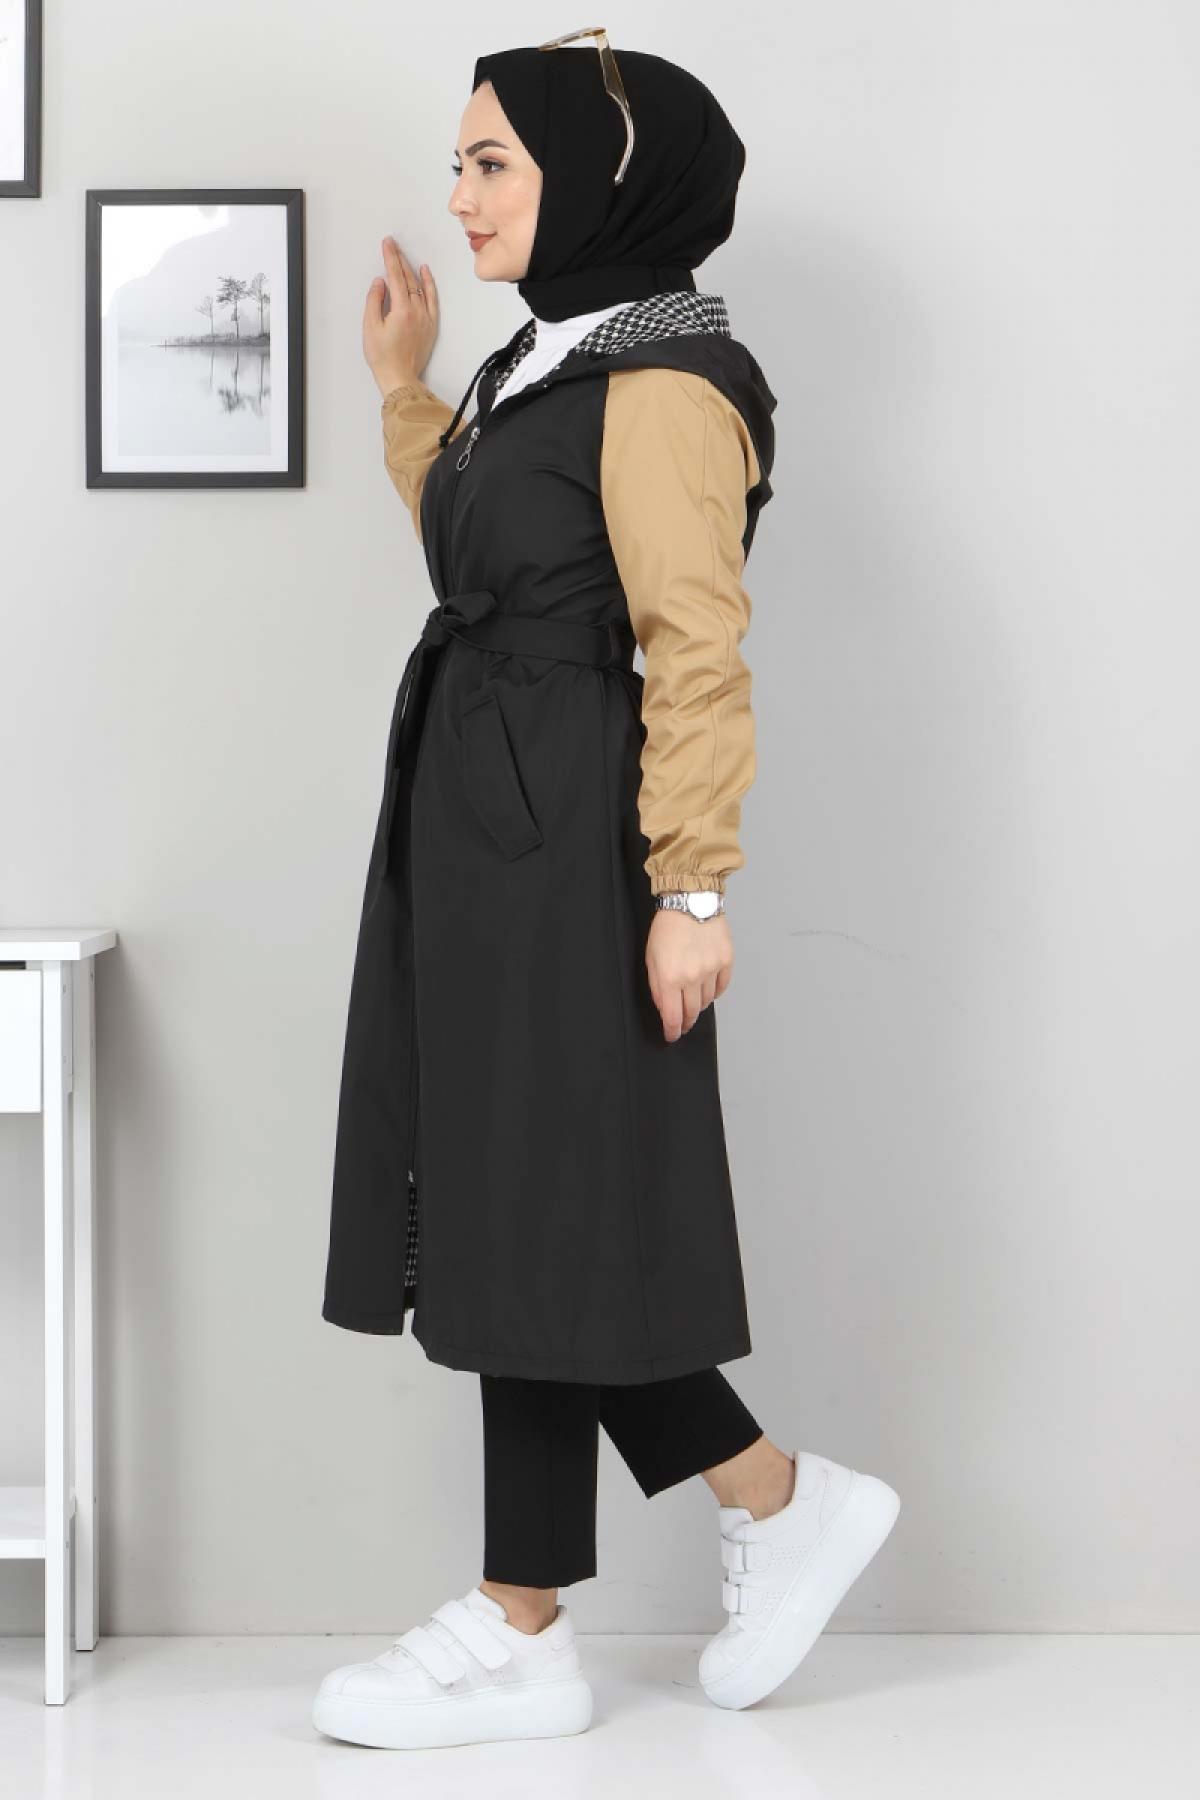 Kapşonlu Renkli Trençkot TSD11926 Siyah